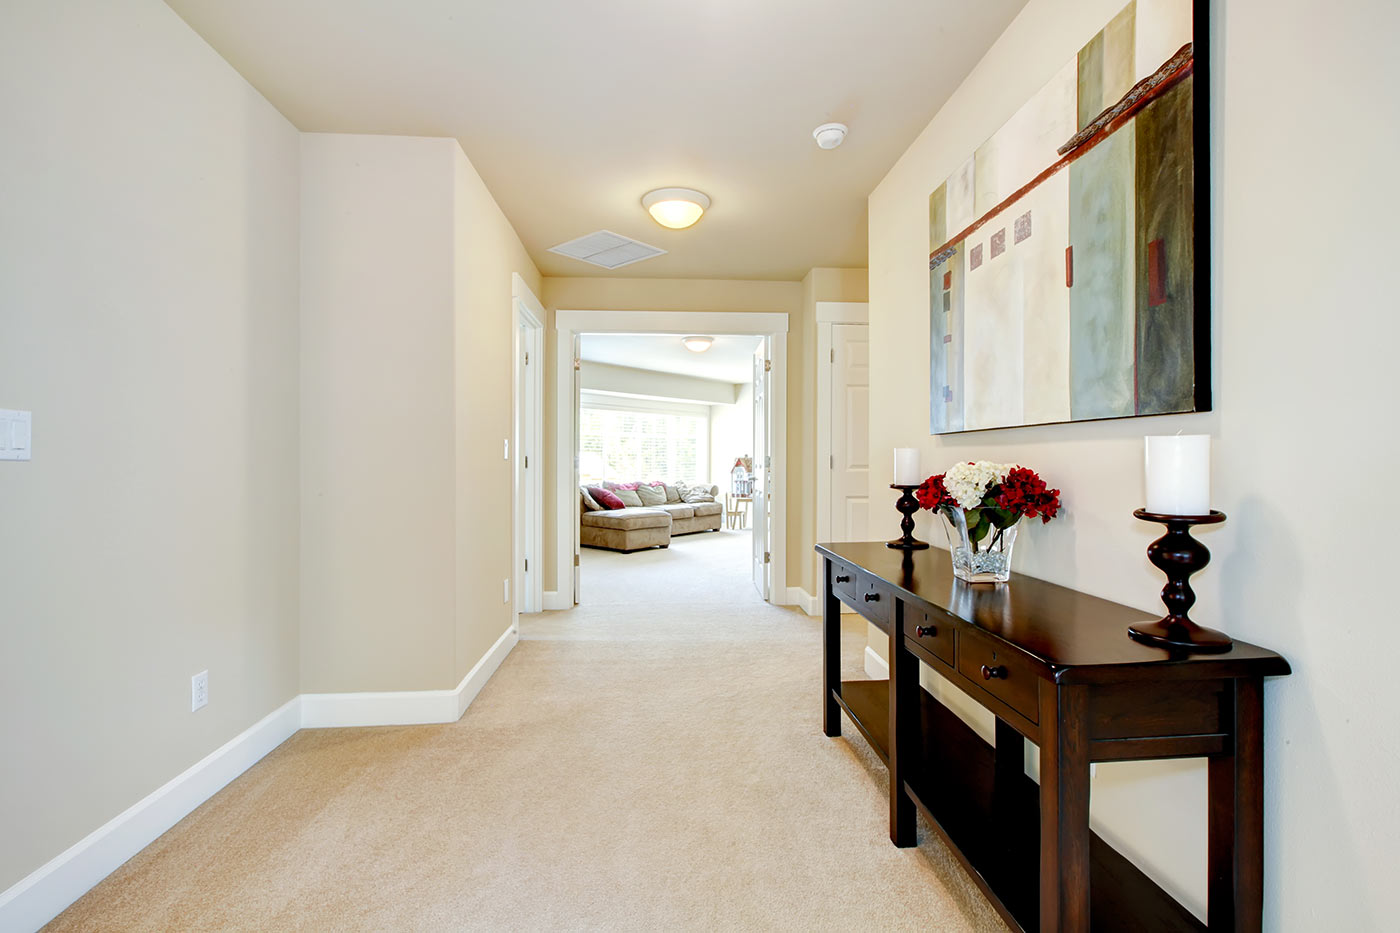 Idee per sfruttare le stanze meno usate ingresso e for Idee per l arredamento della casa